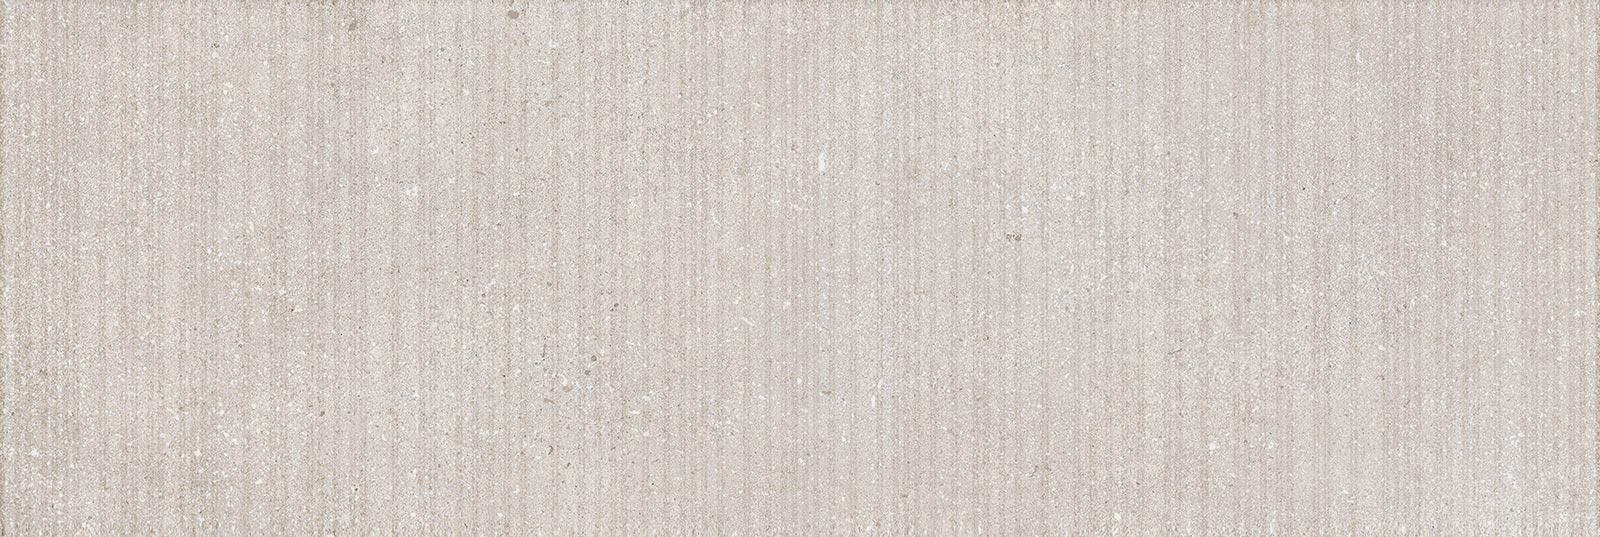 RLV LINEE TOSCANA WALL SILVER MATT 20X60